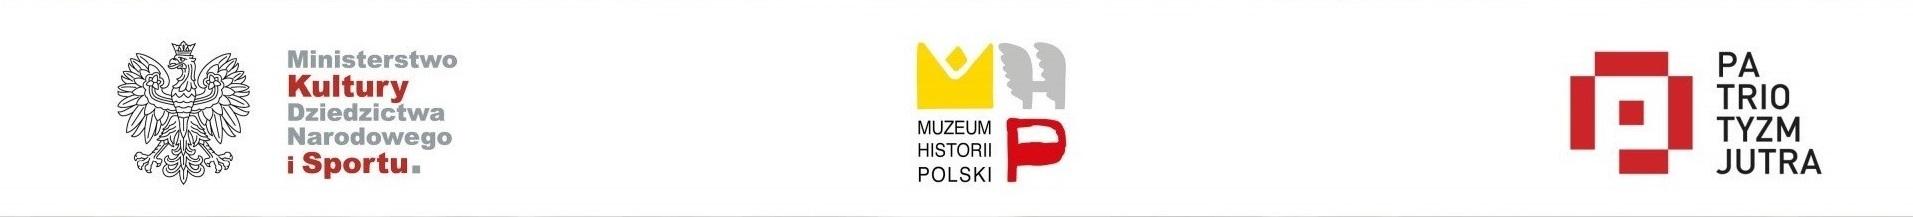 Logo Ministerstwa Kultury iDziedzictwa Narodowego, logo Muzeum Historii Polski, logo Patriotyzmu Jutra